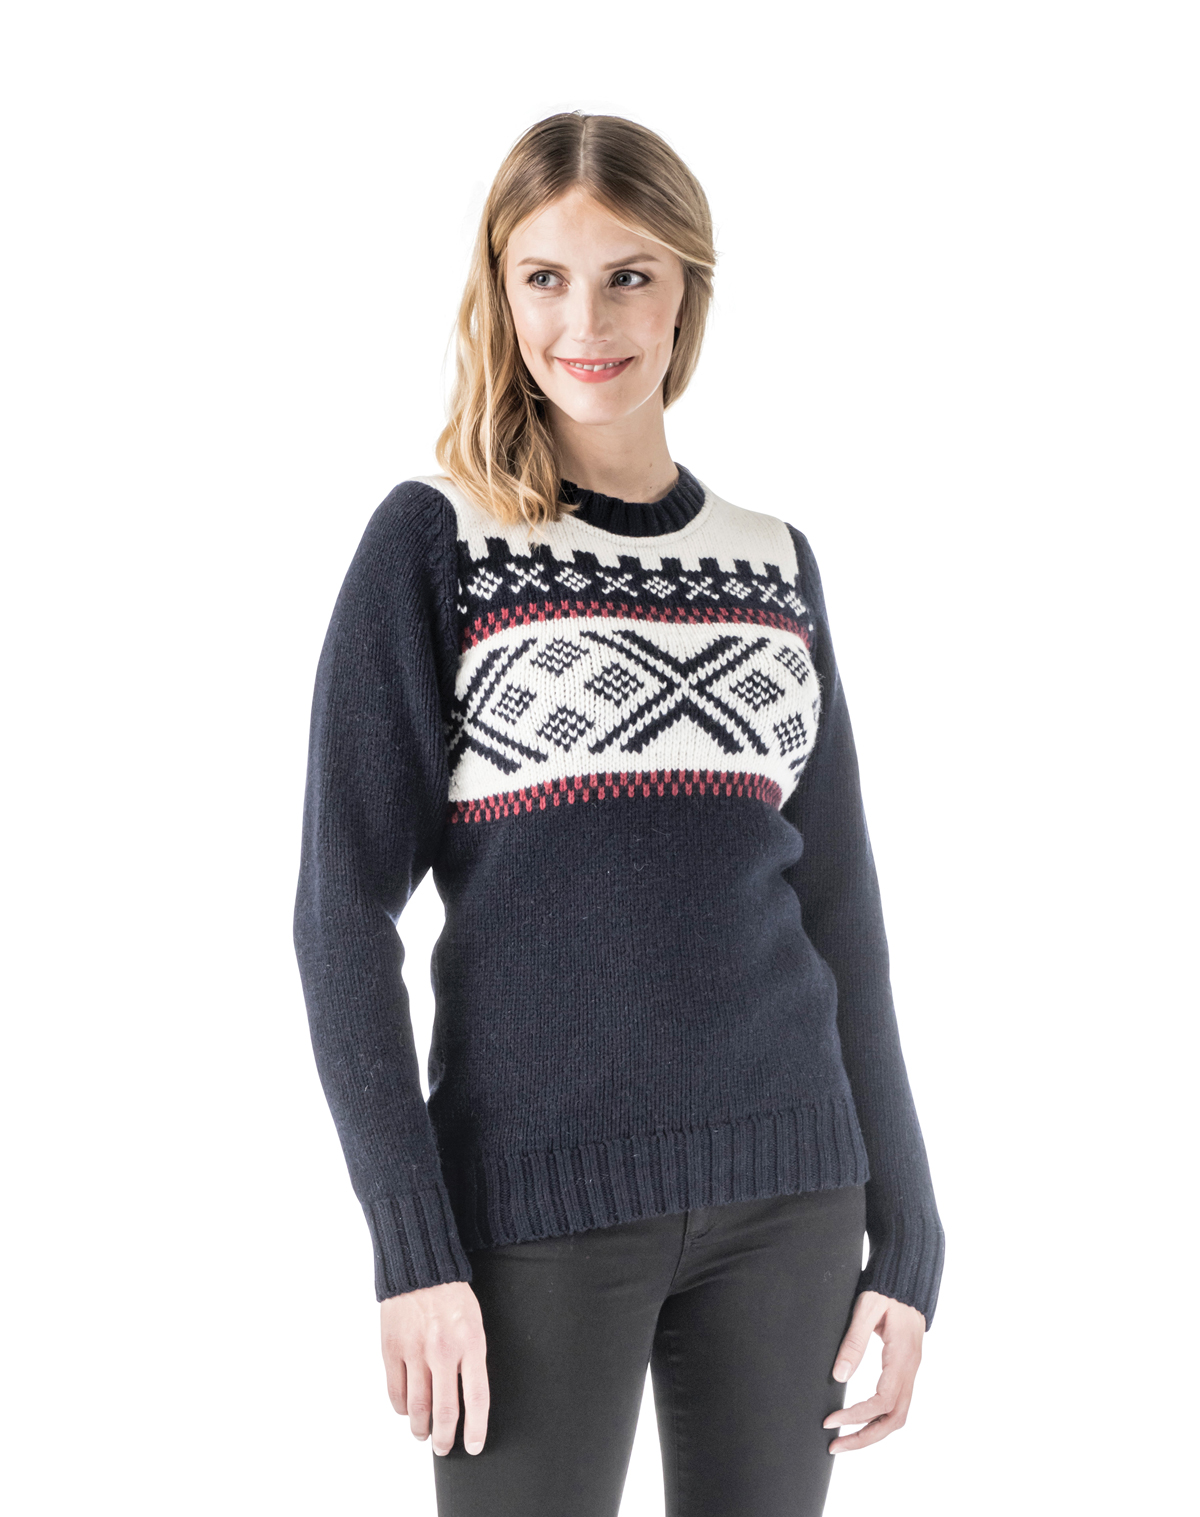 Skigard Feminine Sweater